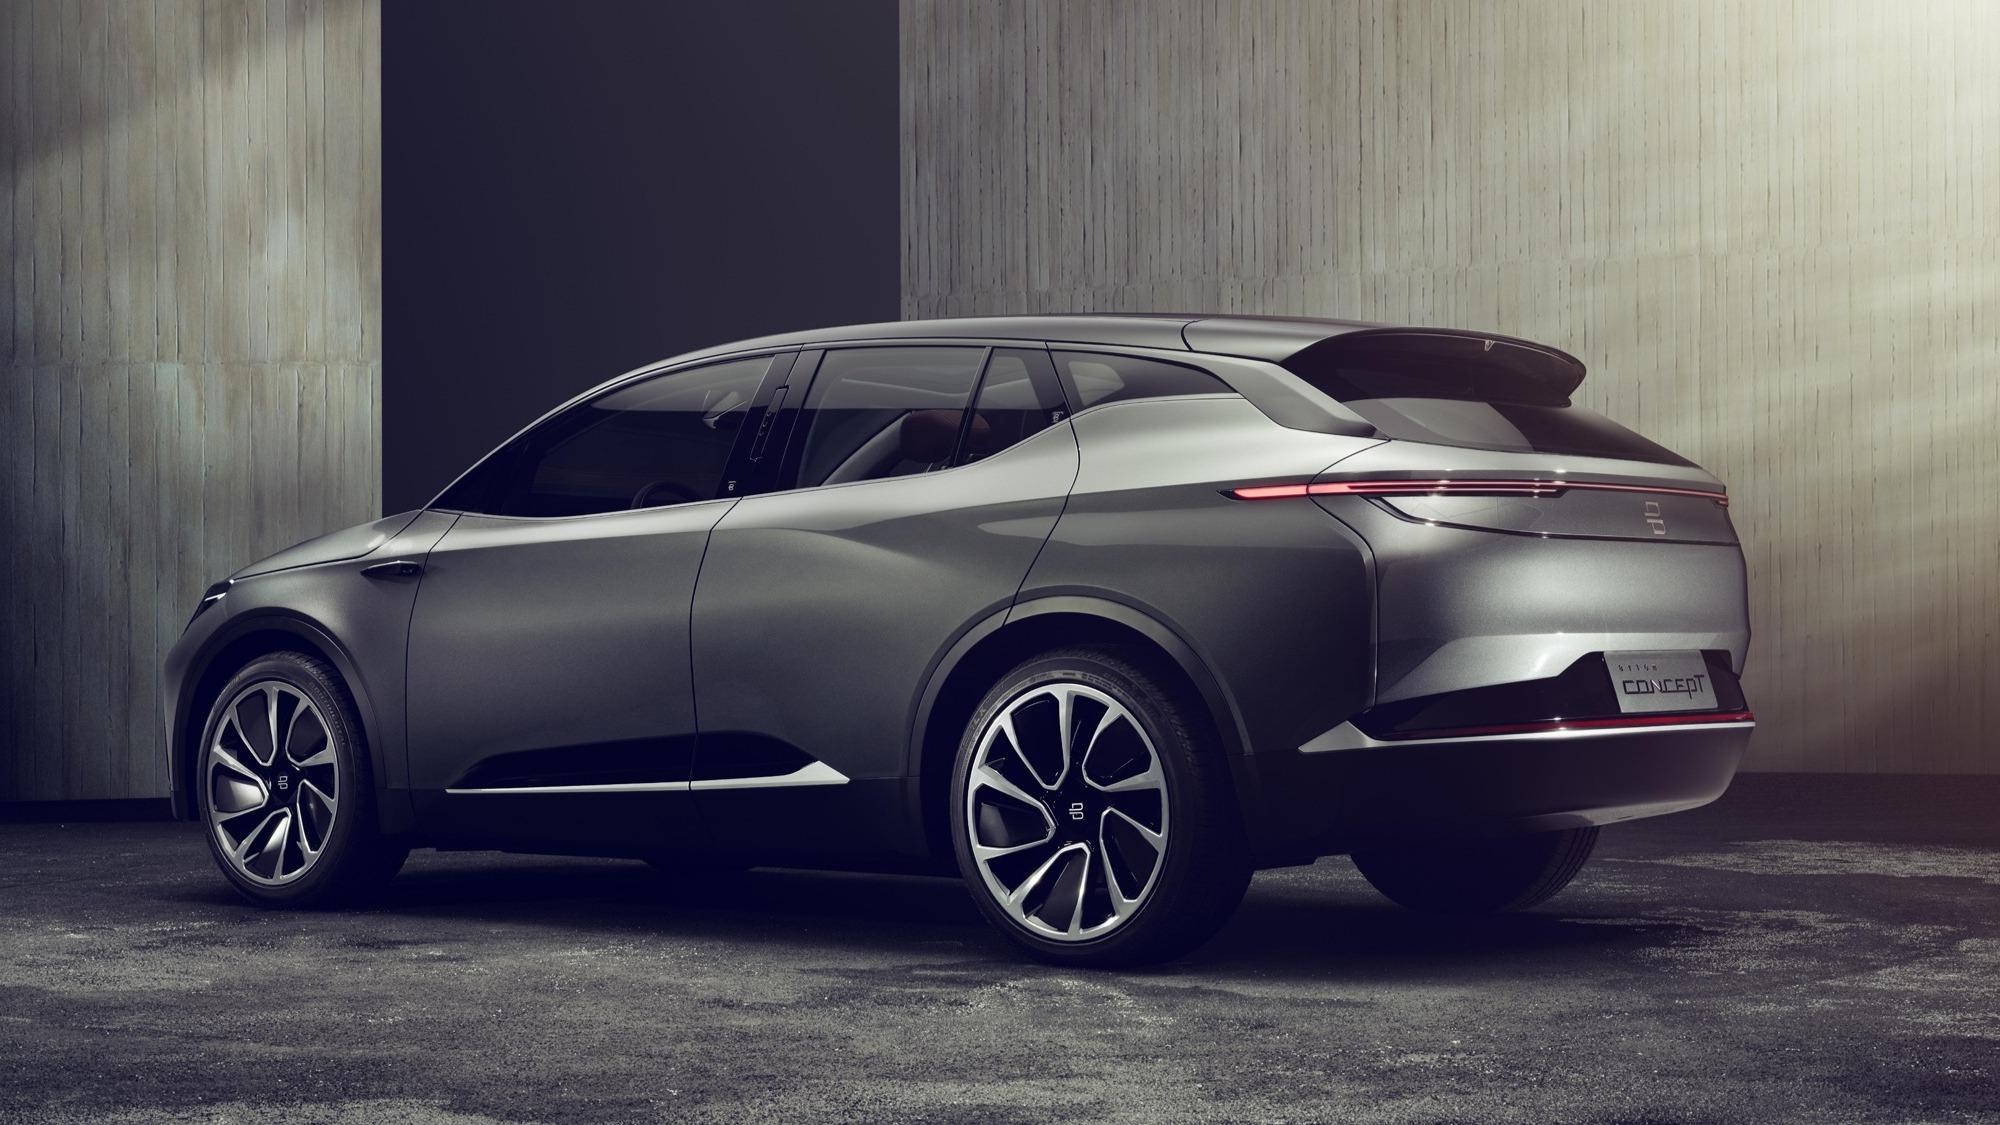 Byton: Chinesischer Elektro-SUV greift BMW und Tesla an